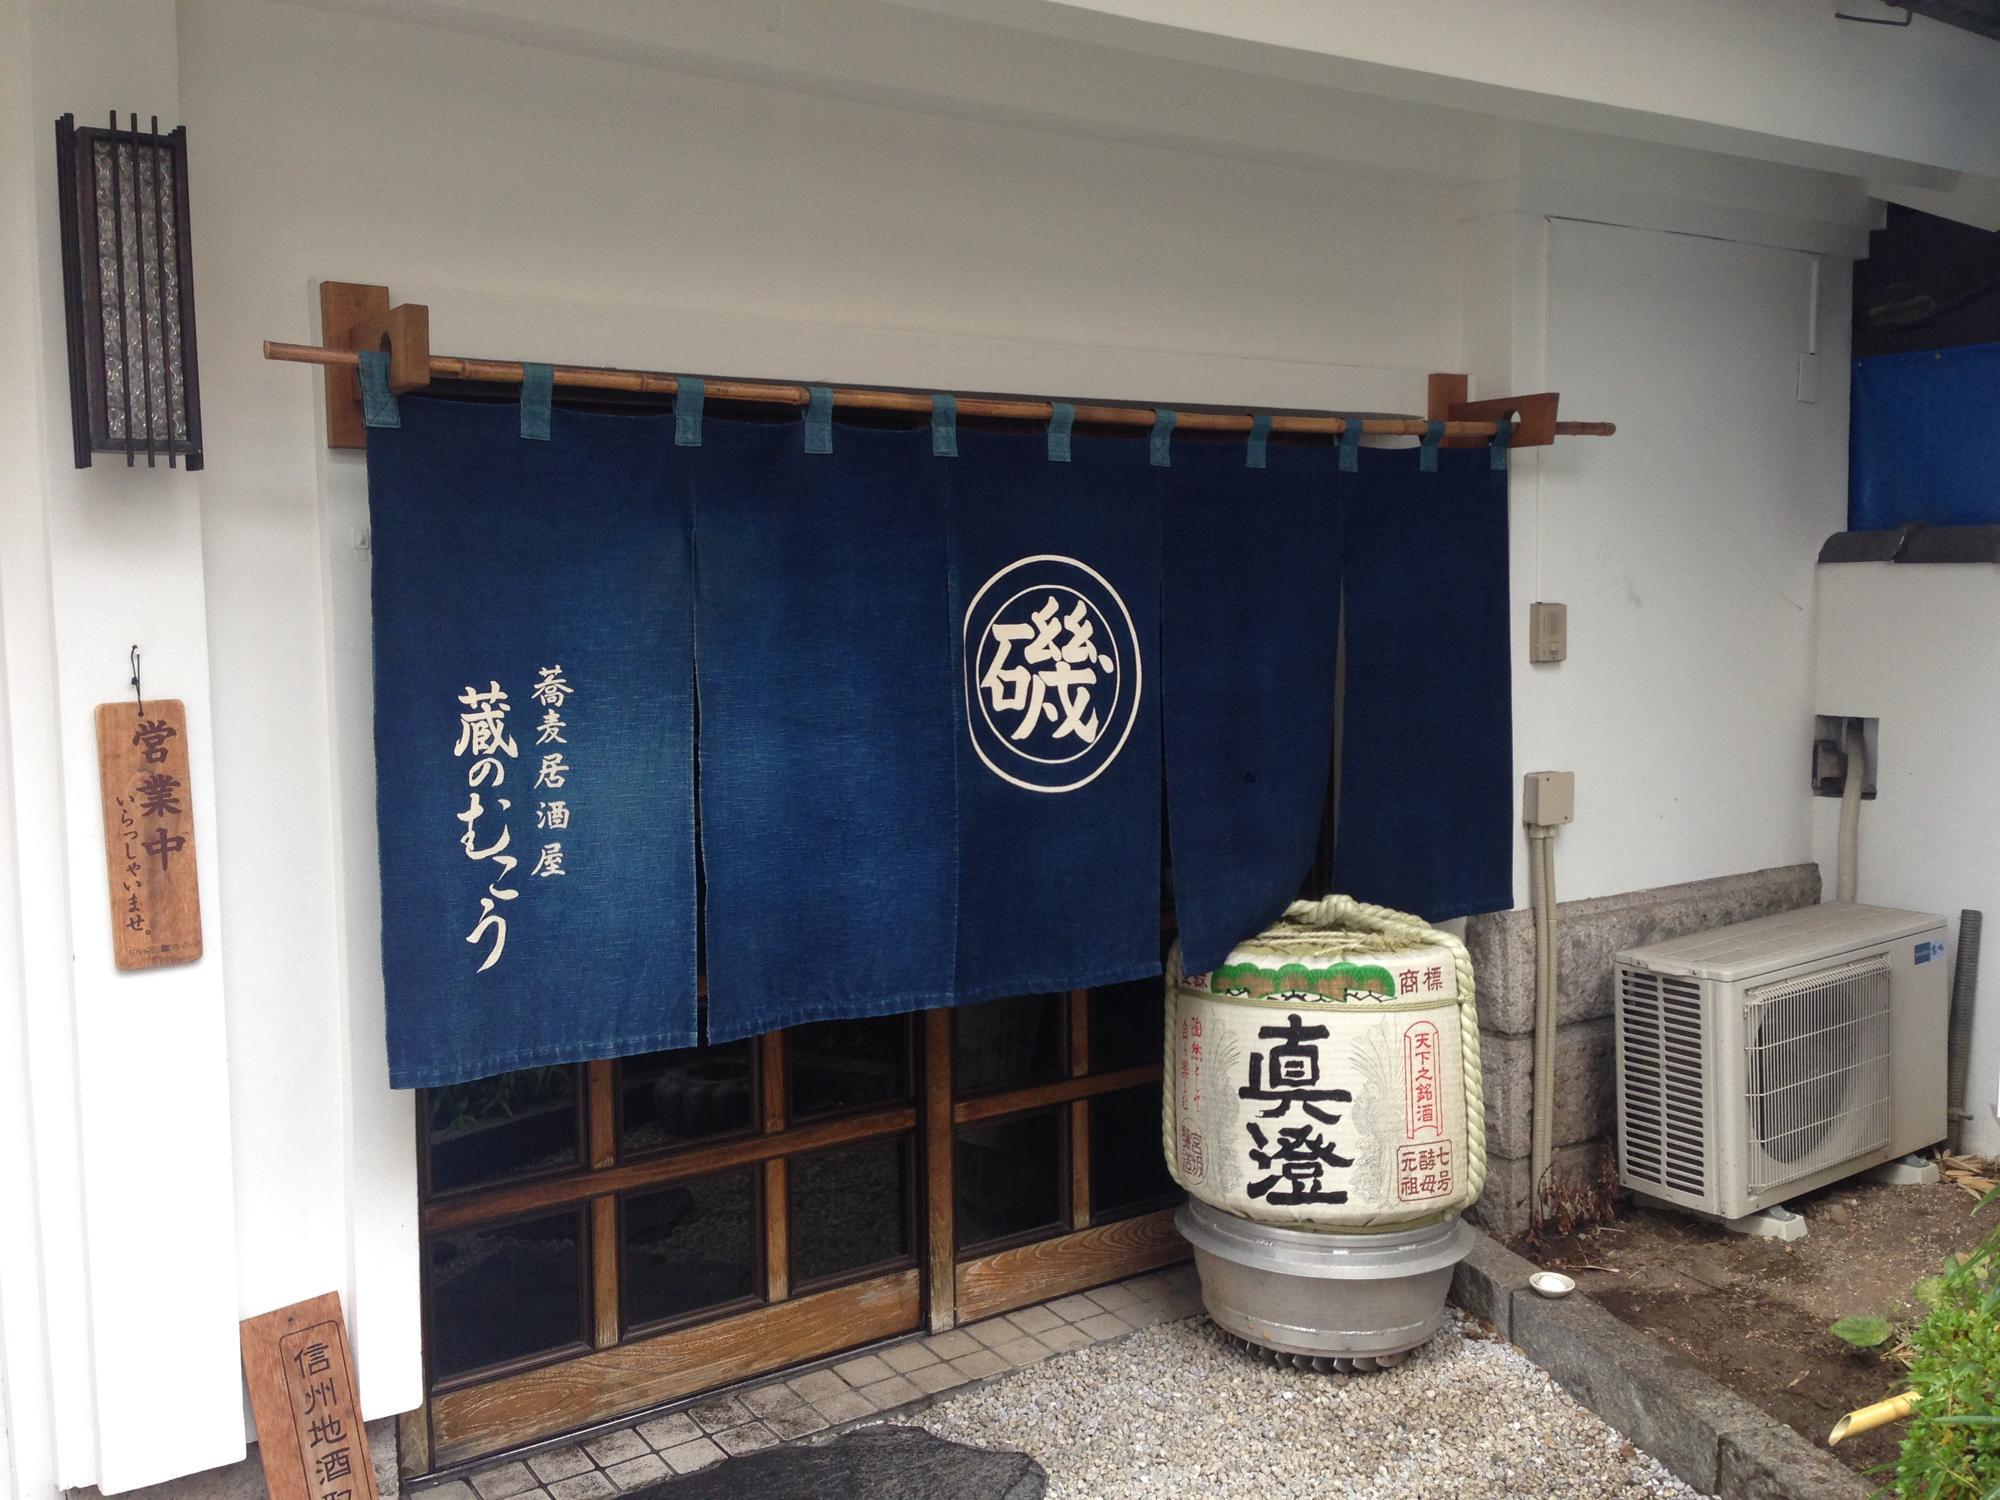 長野の松本にある蔵の向こう